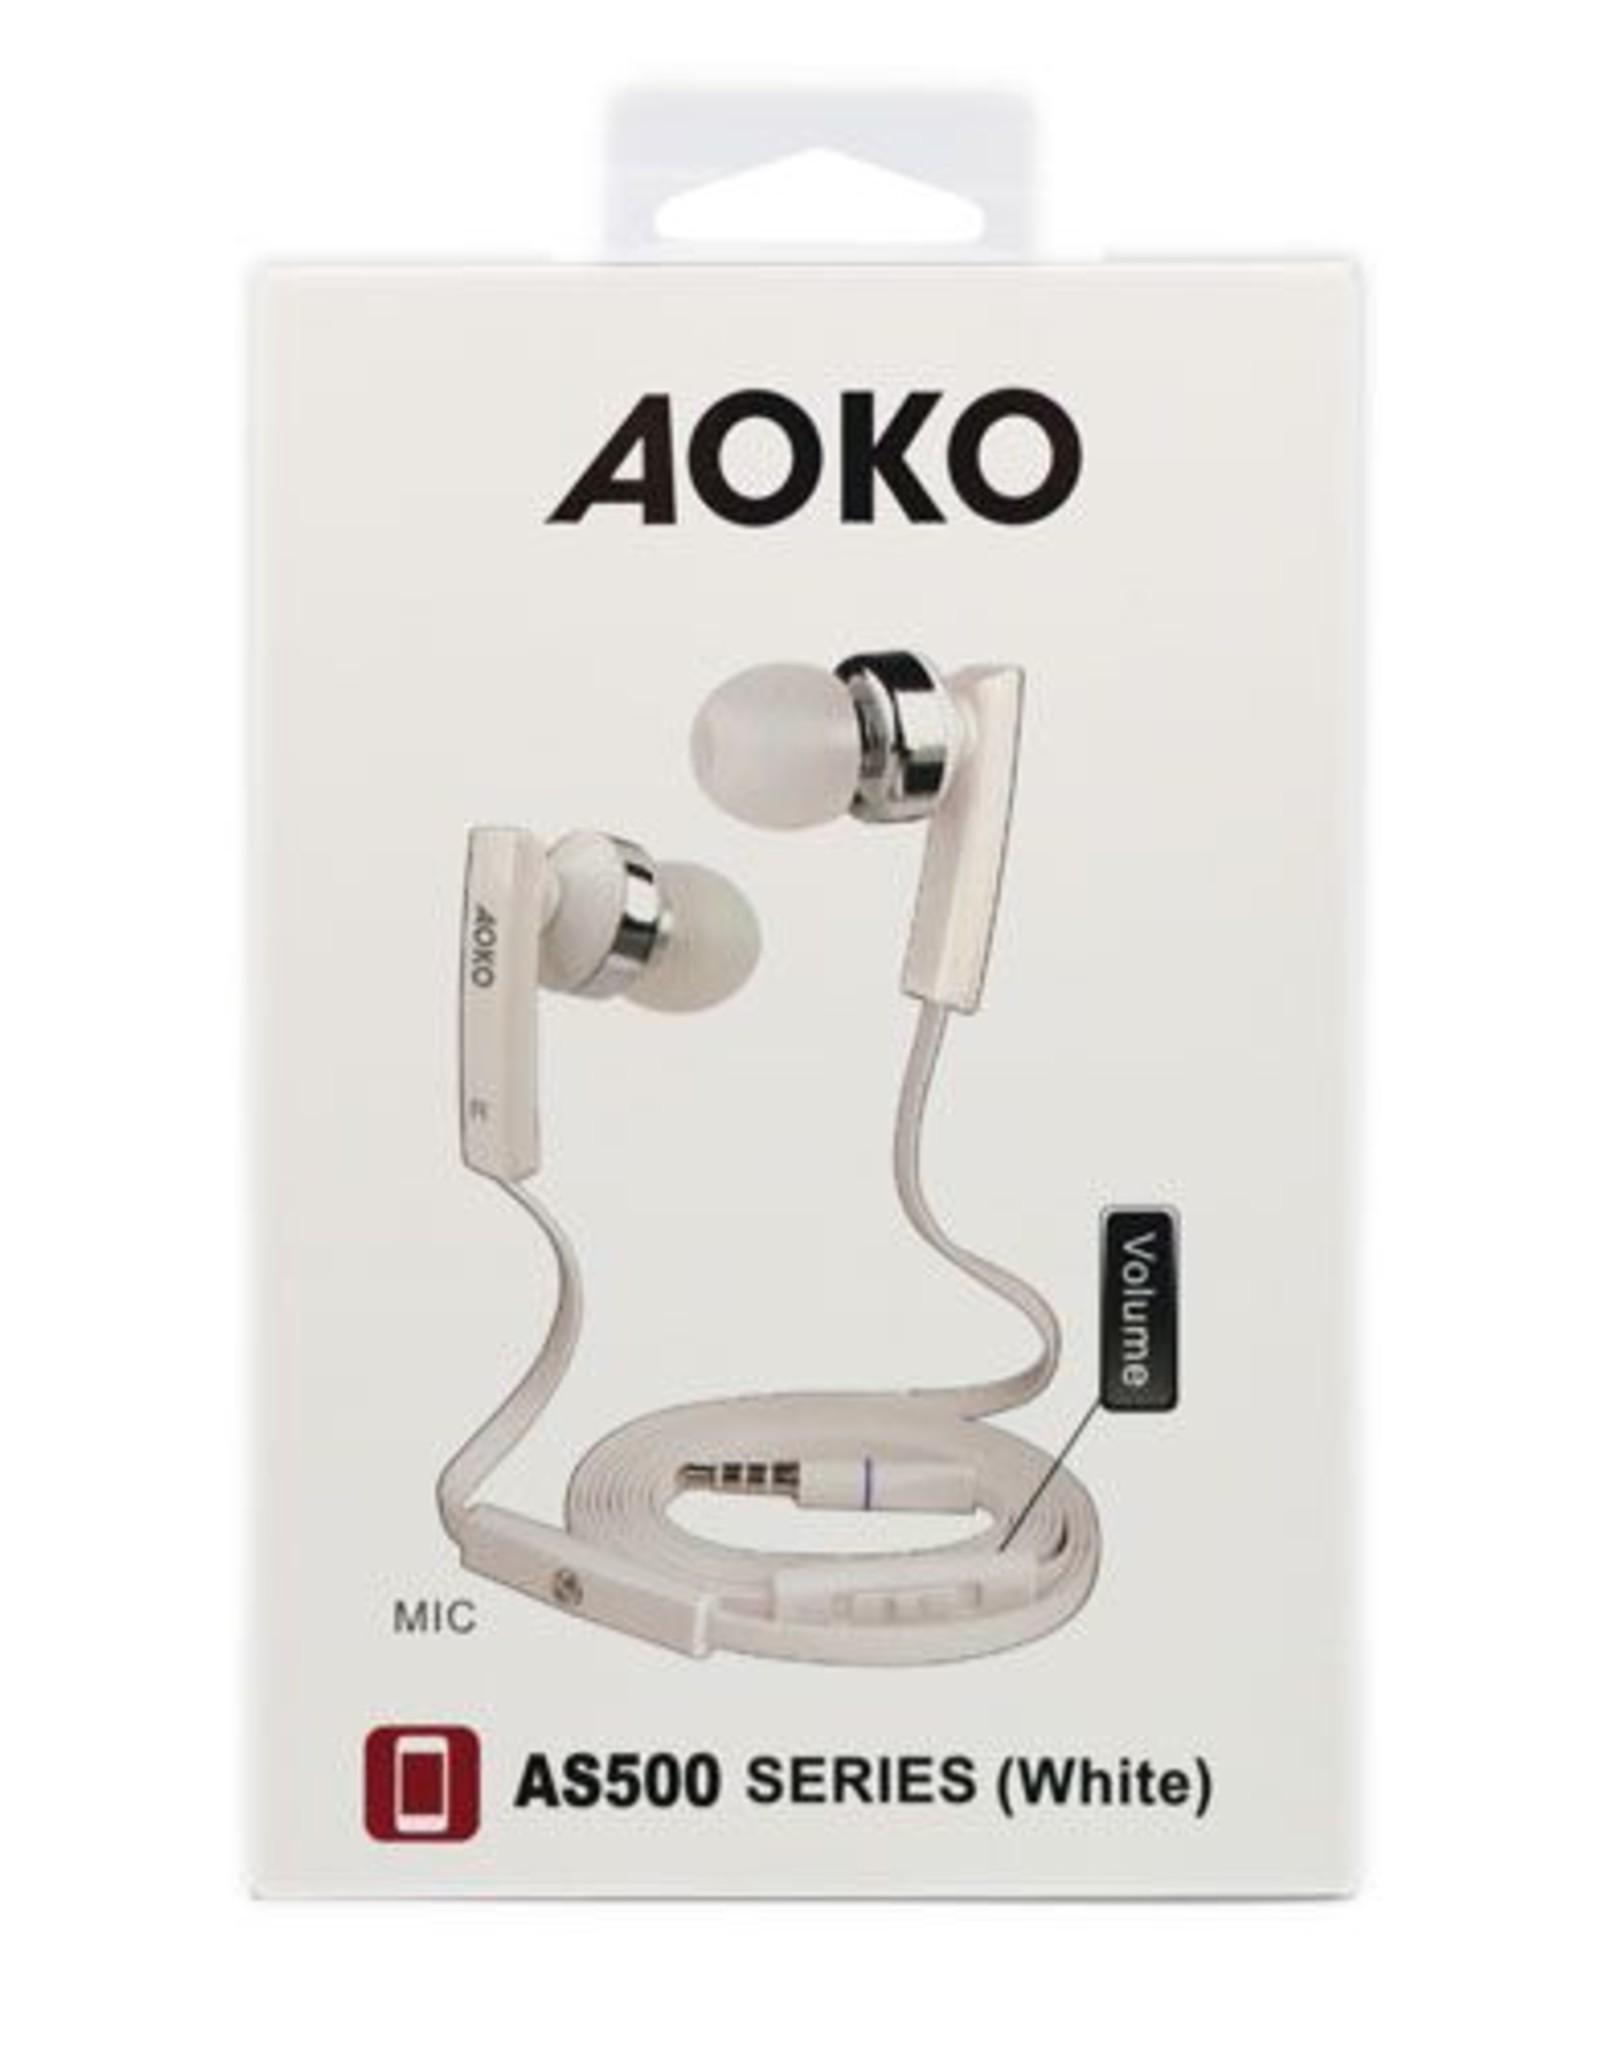 AOKO w/ Mic AS500 Earphones